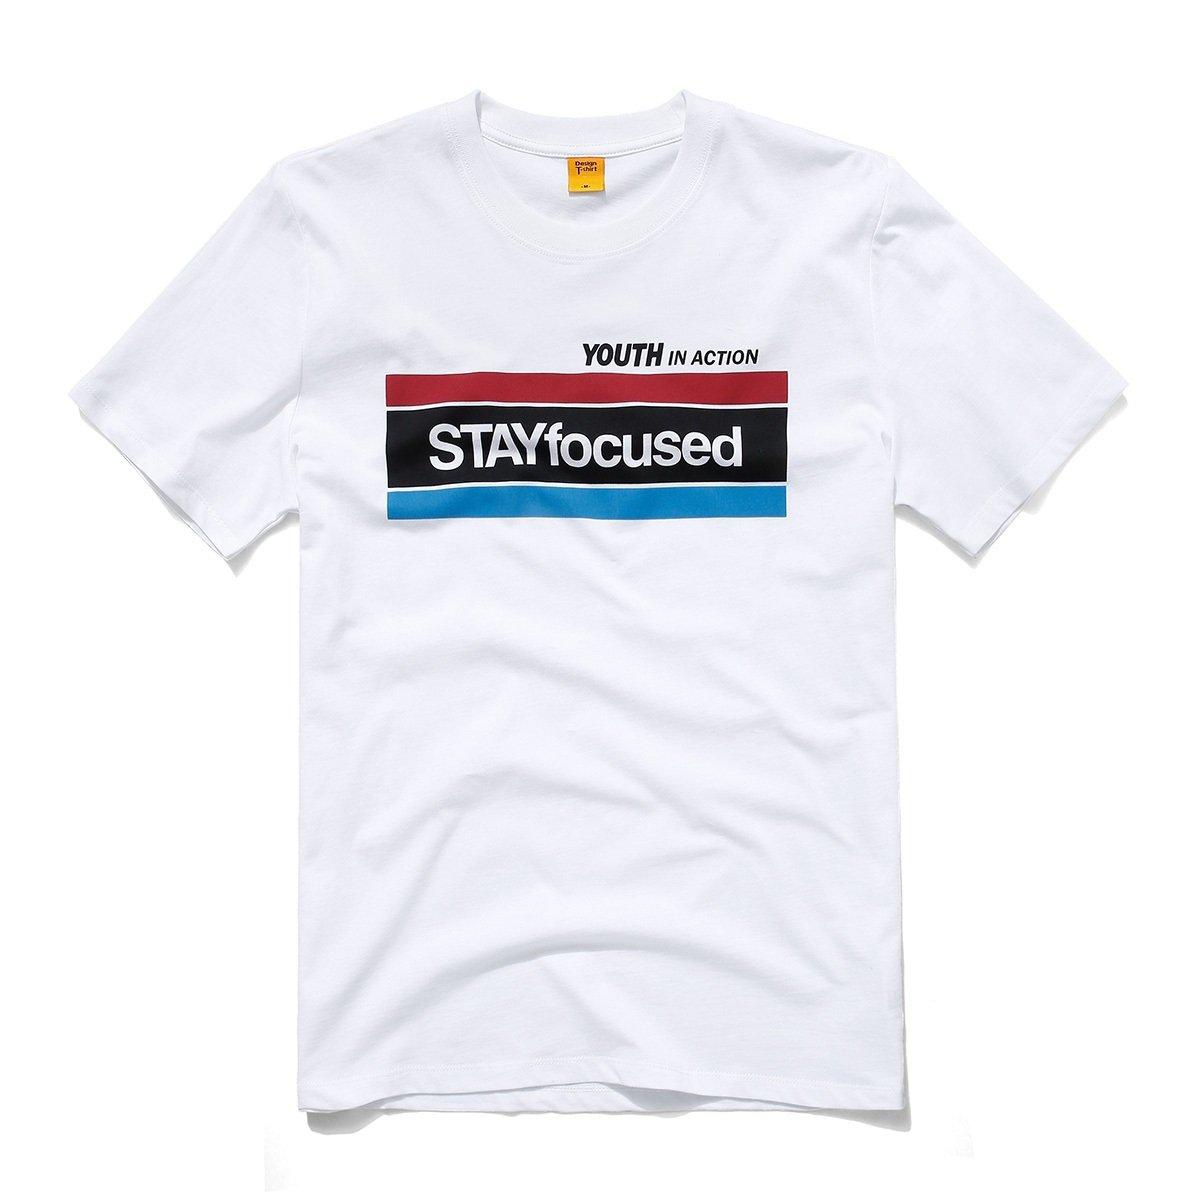 Trendy t-shirt / tshirt / t shirt / tee